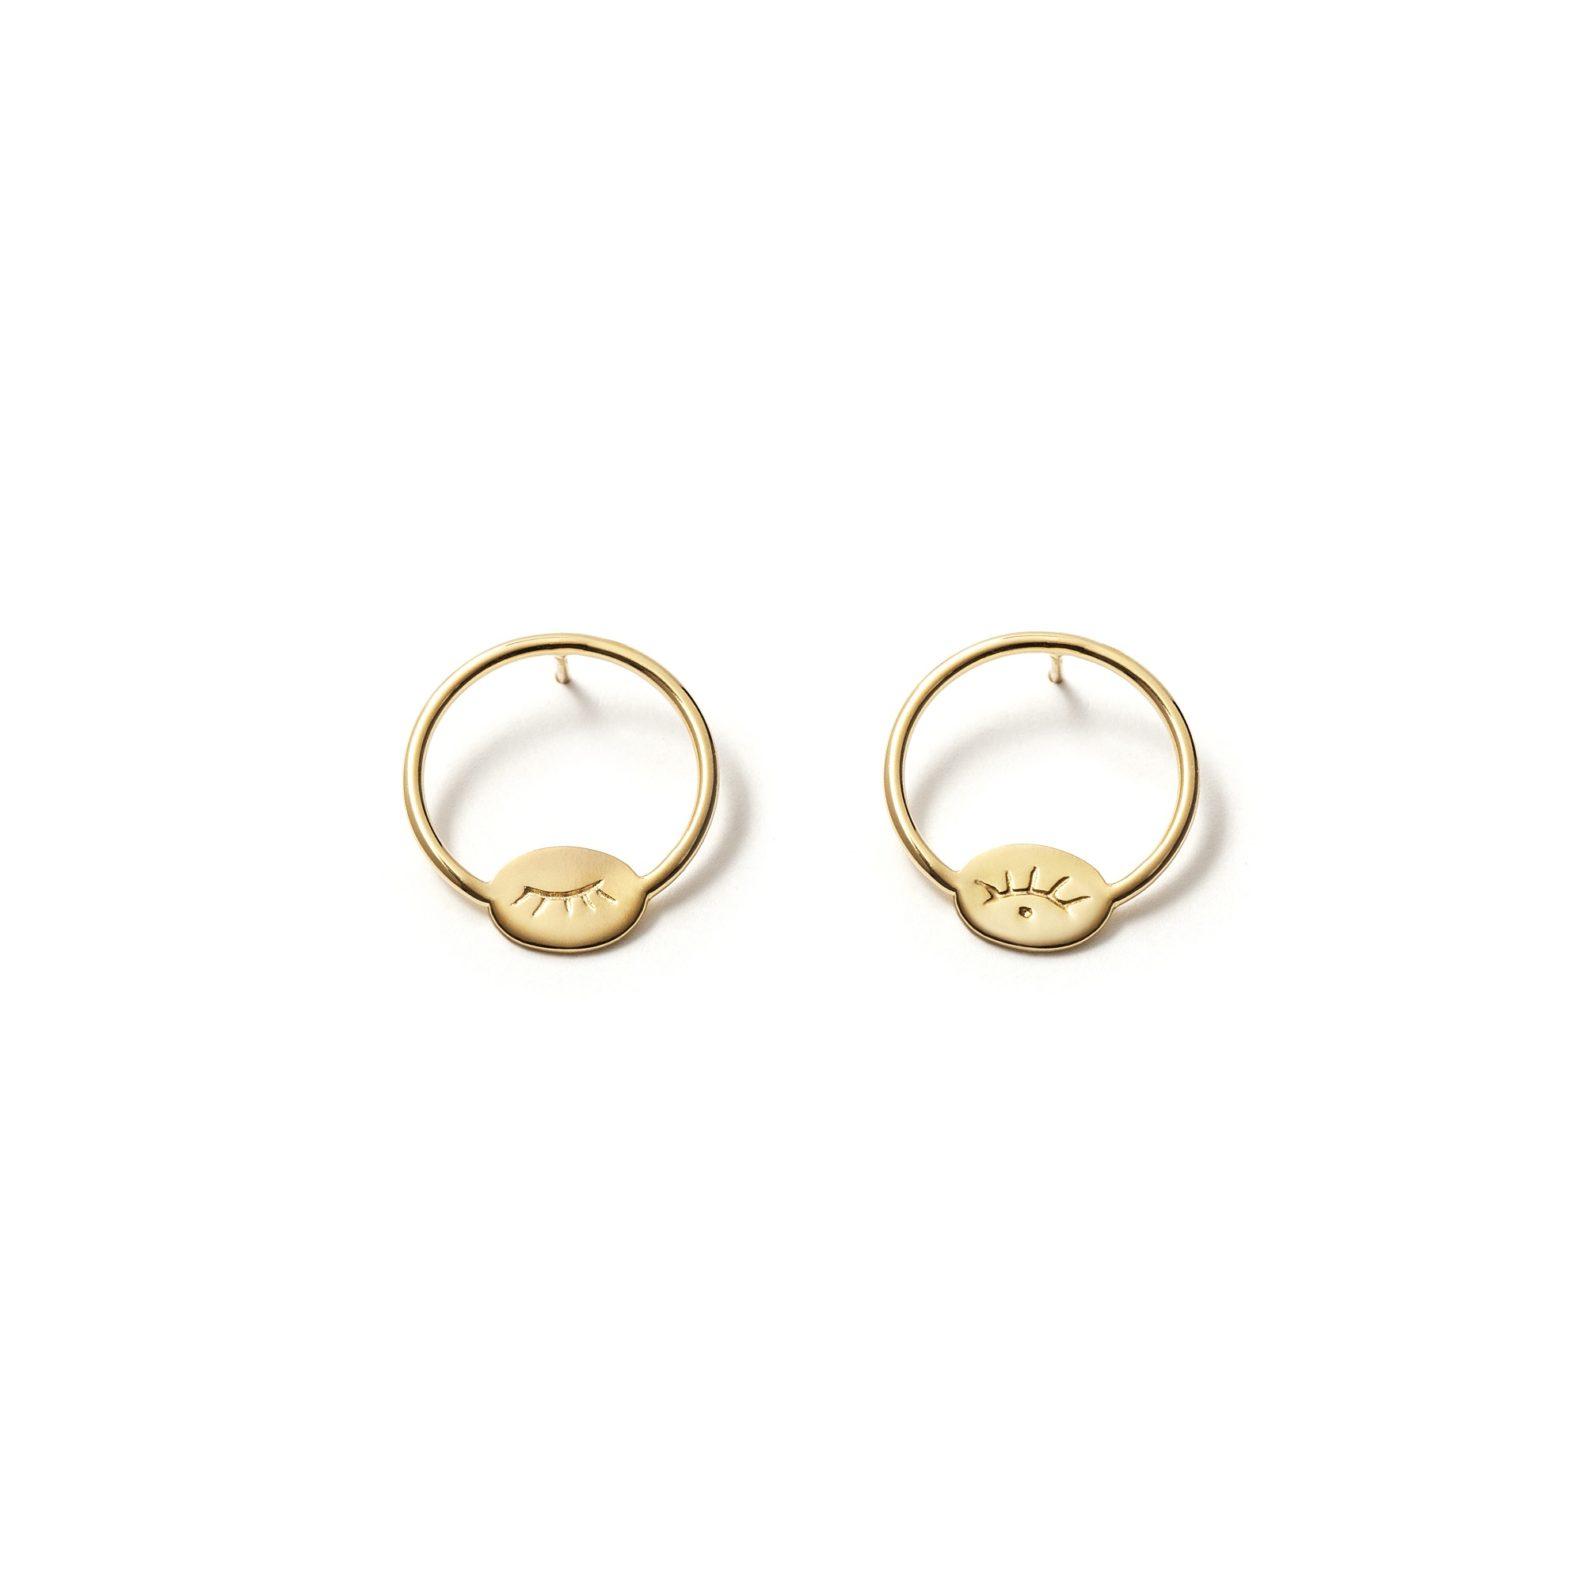 boucles d'oreilles Houria-houria earrings